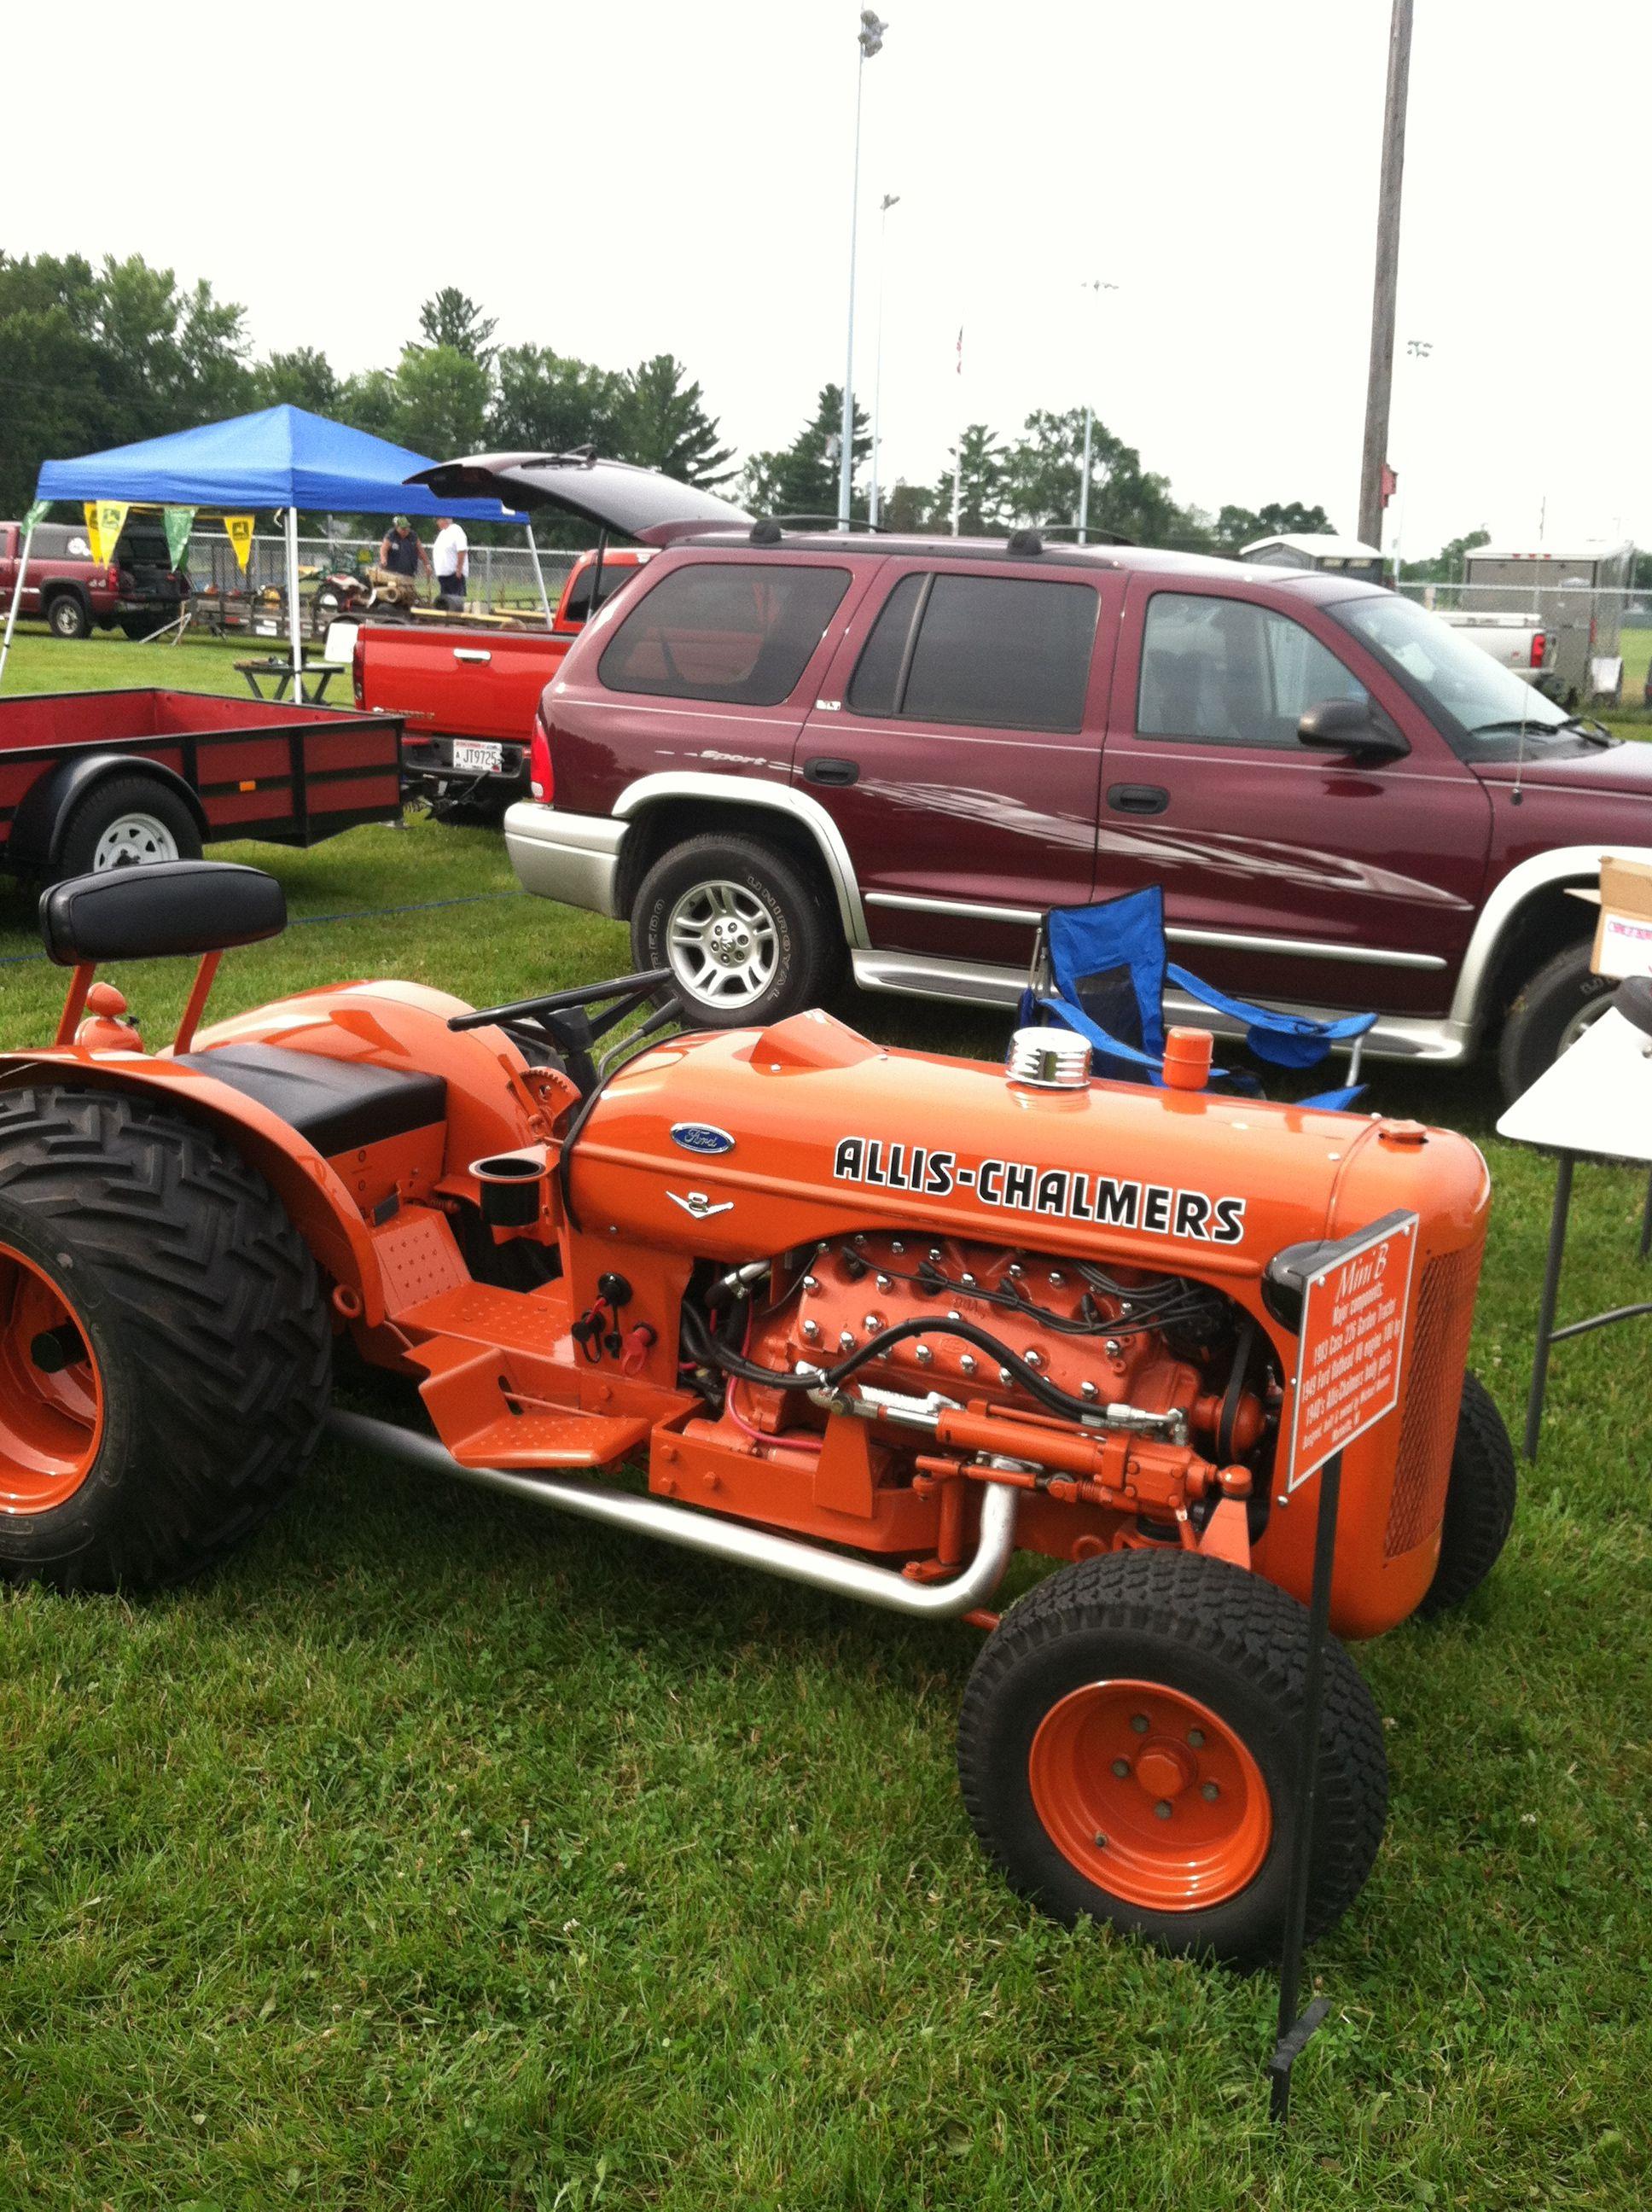 custom built allis v8 flathead allis chalmers tractors classic tractor antique tractors custom built allis v8 flathead allis